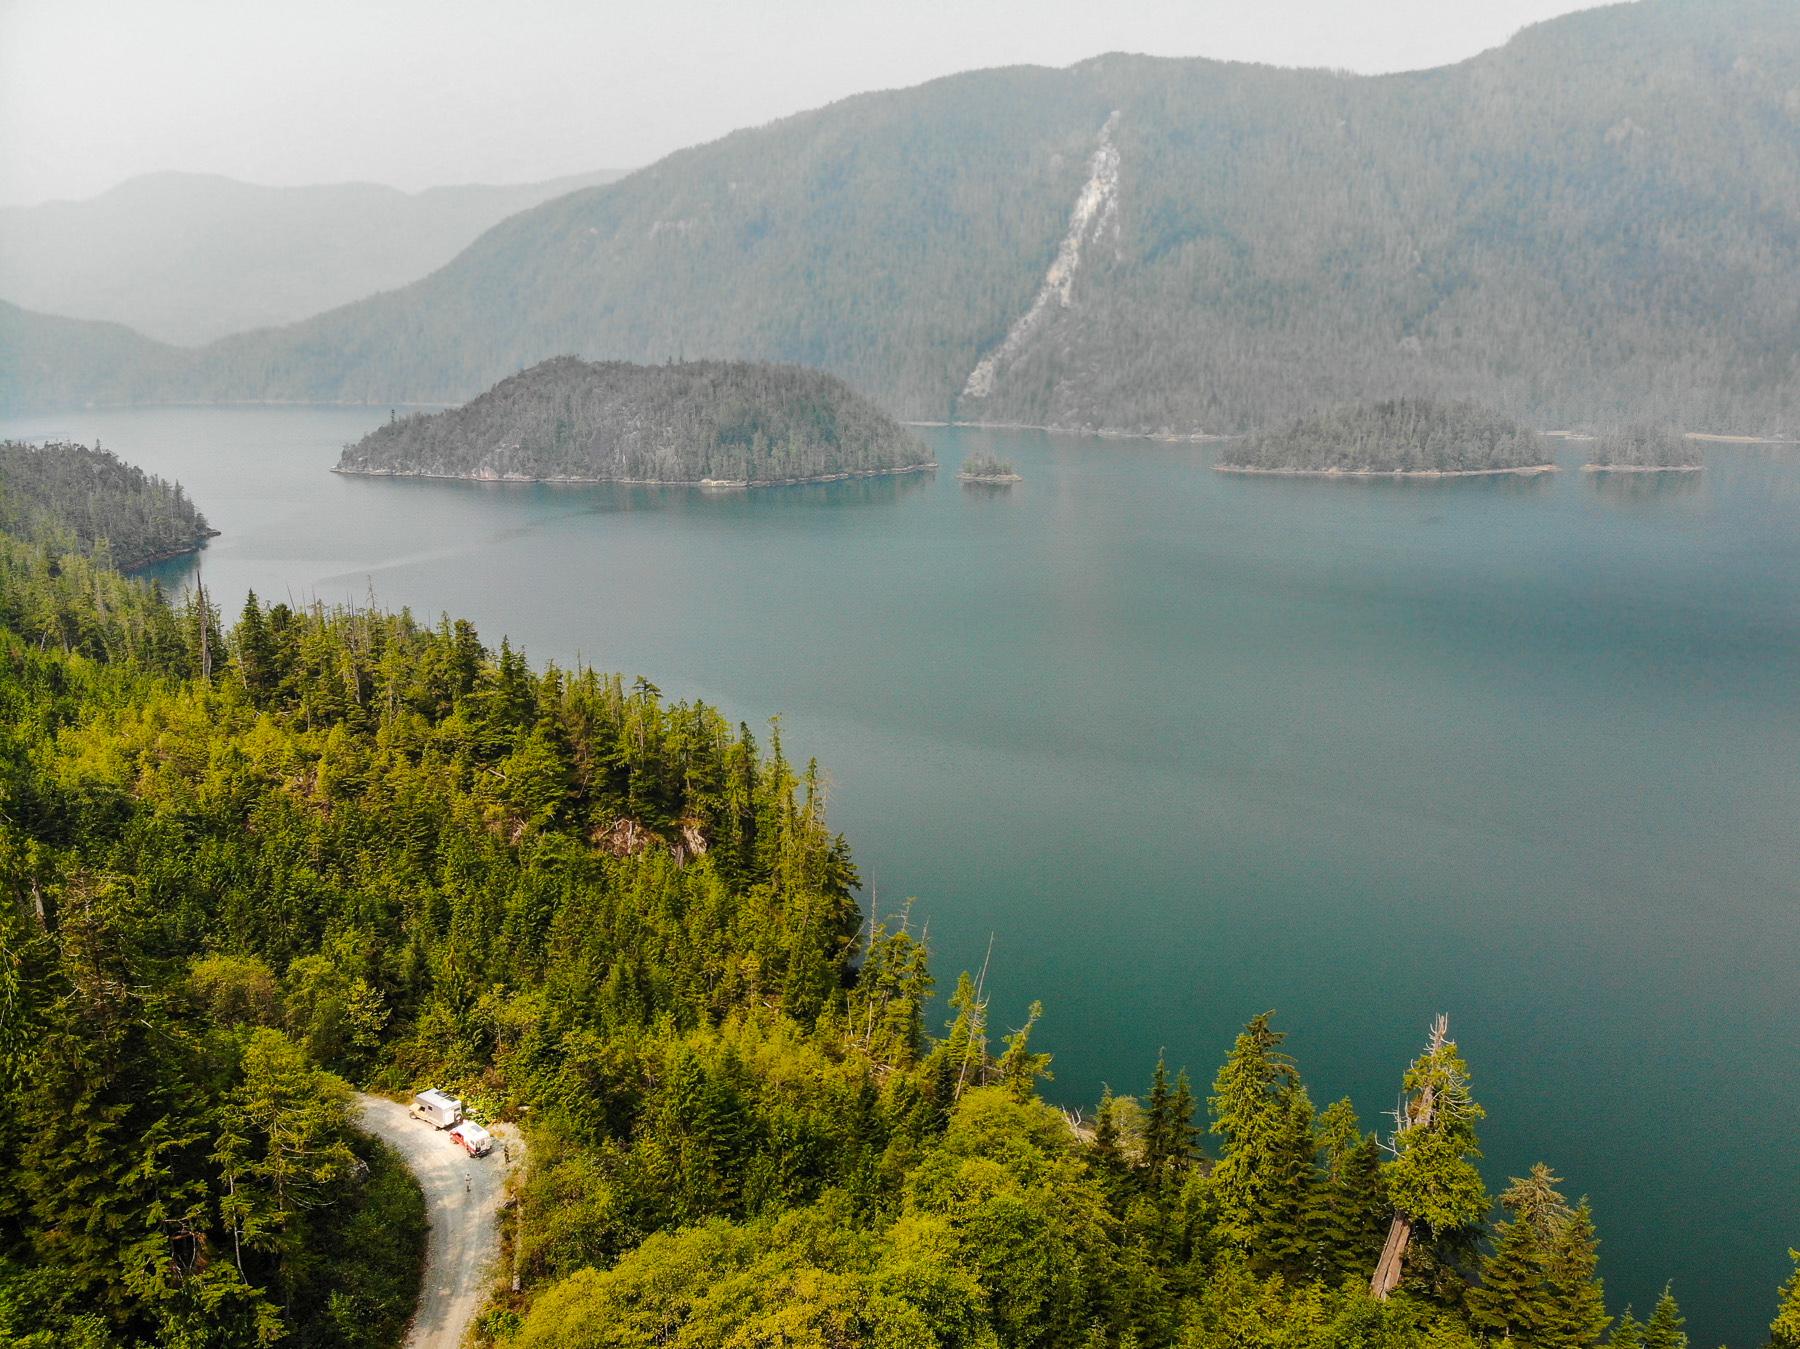 holperige Fahrt ins Hinterland vorbei an Fjorden und Seen